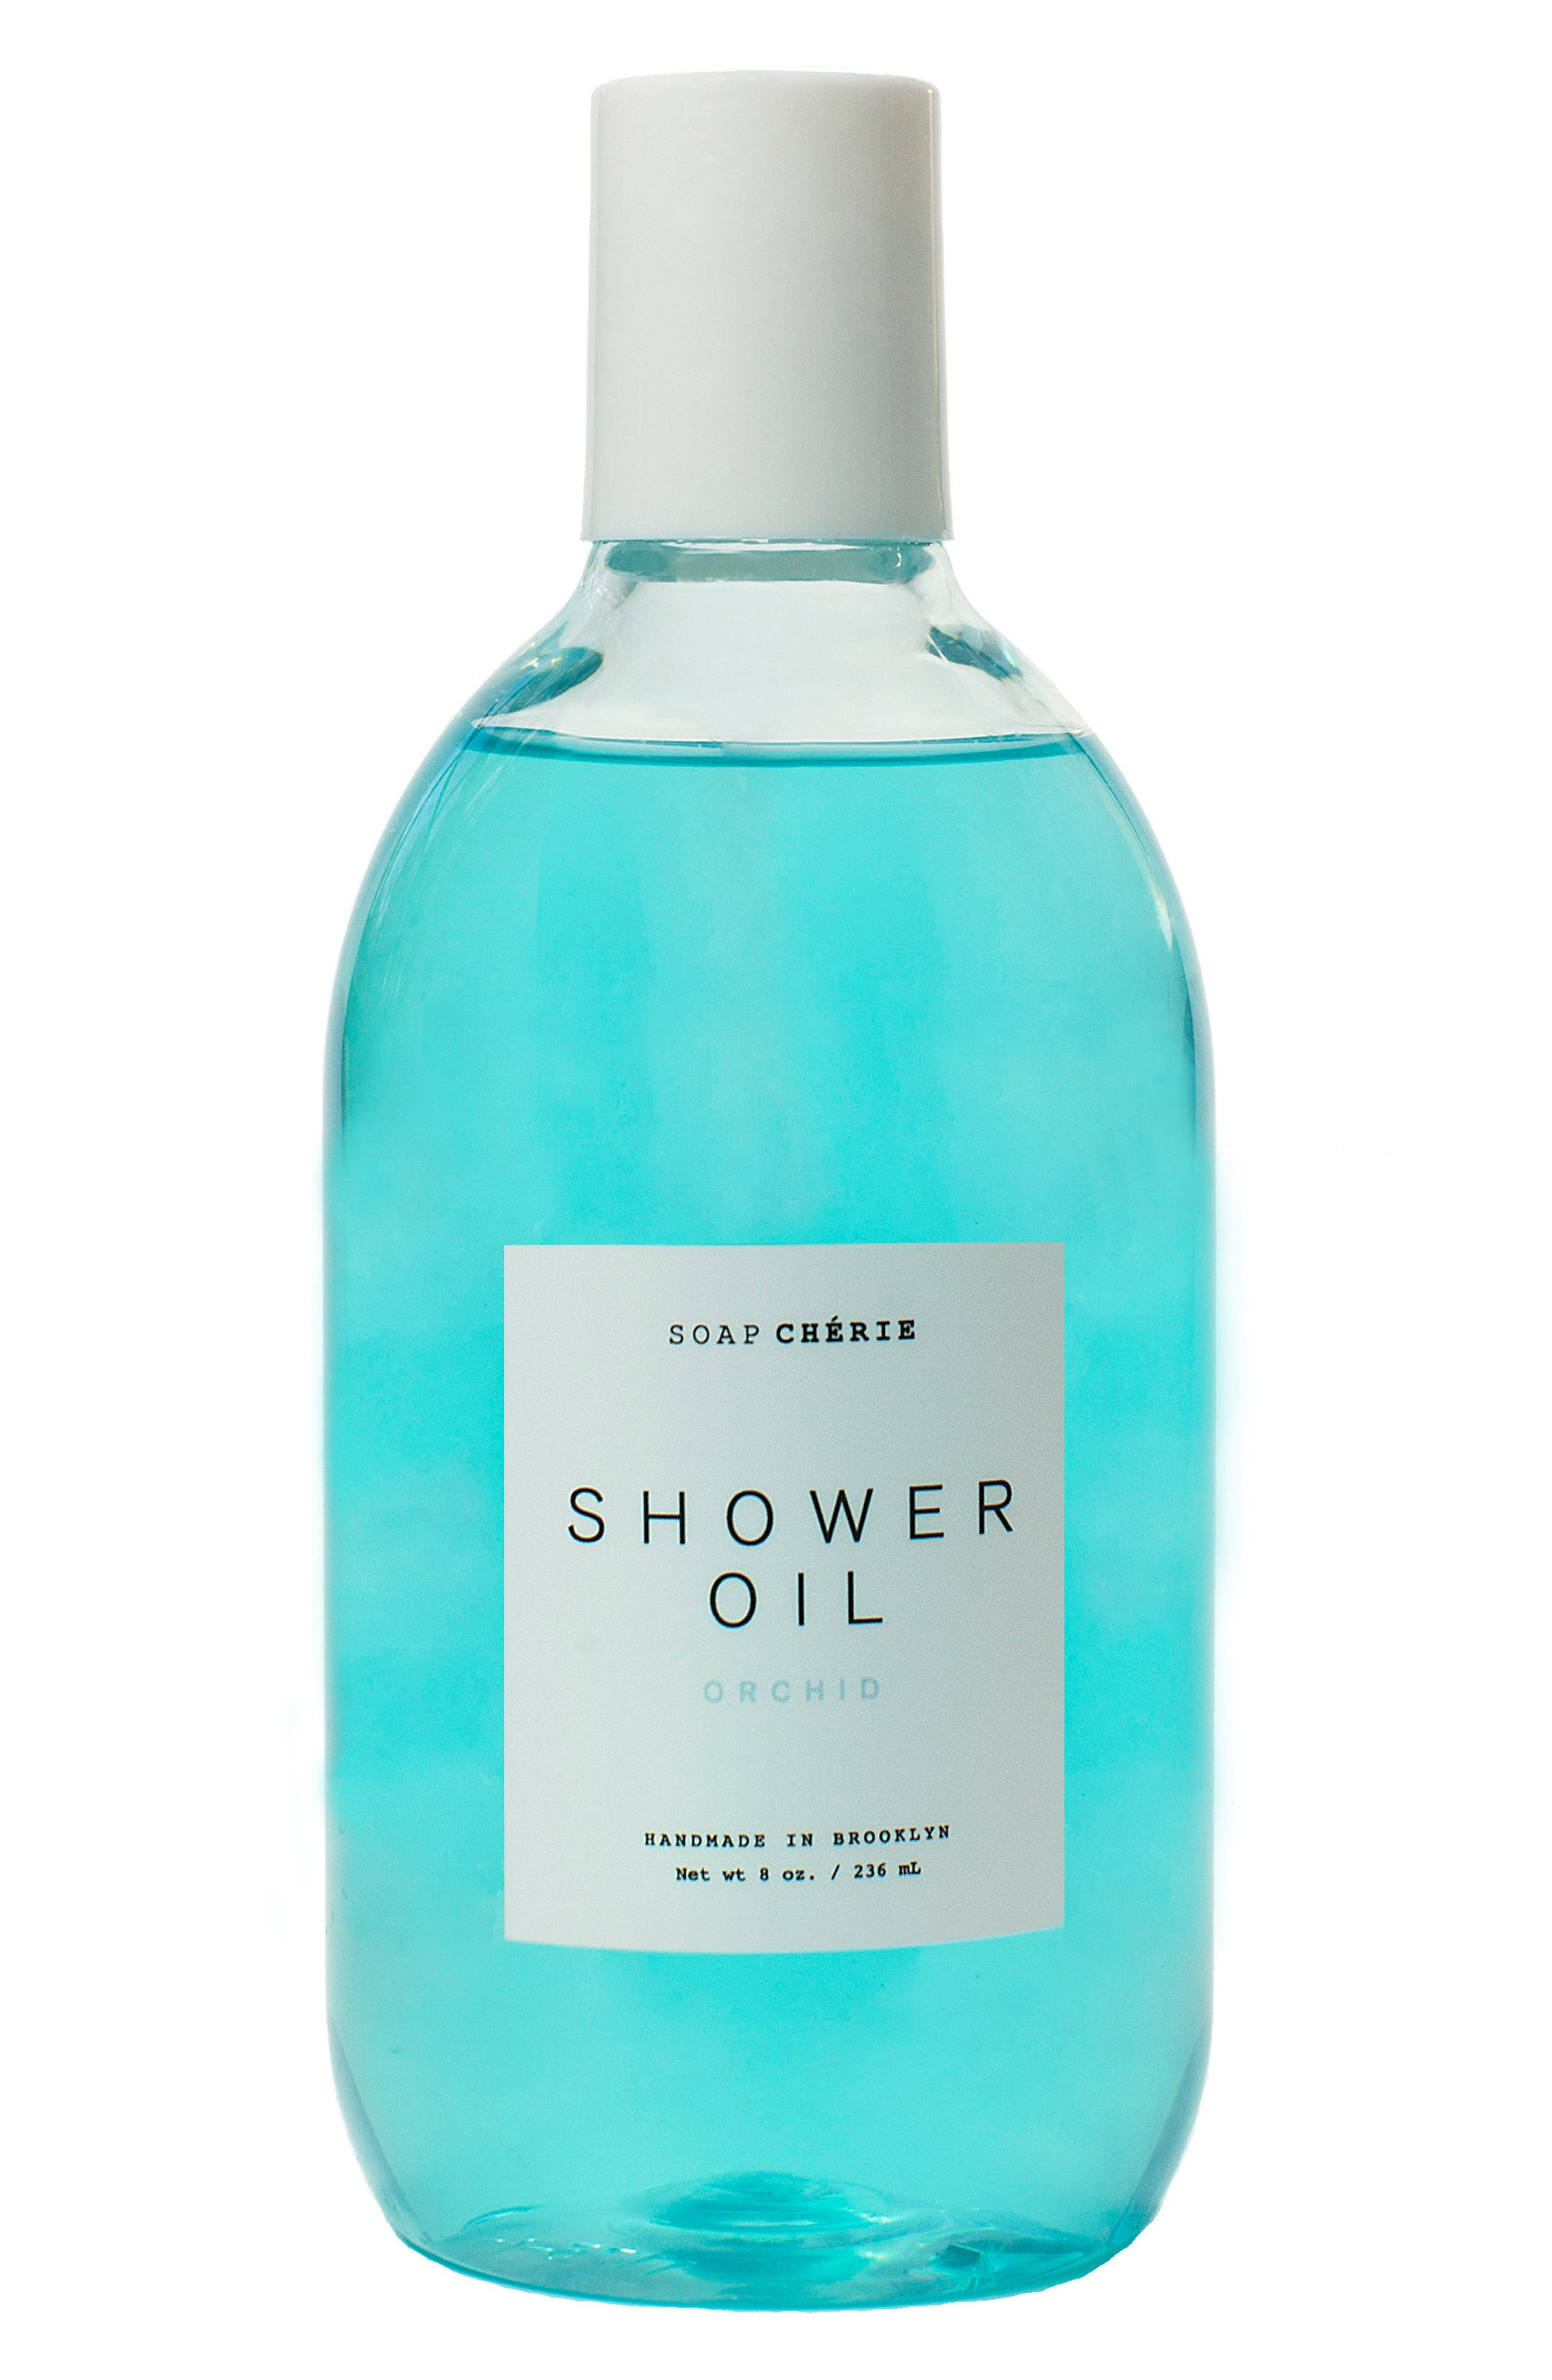 Soap Chérie Luxurious Shower Oil,                             Main thumbnail 1, color,                             ORCHID